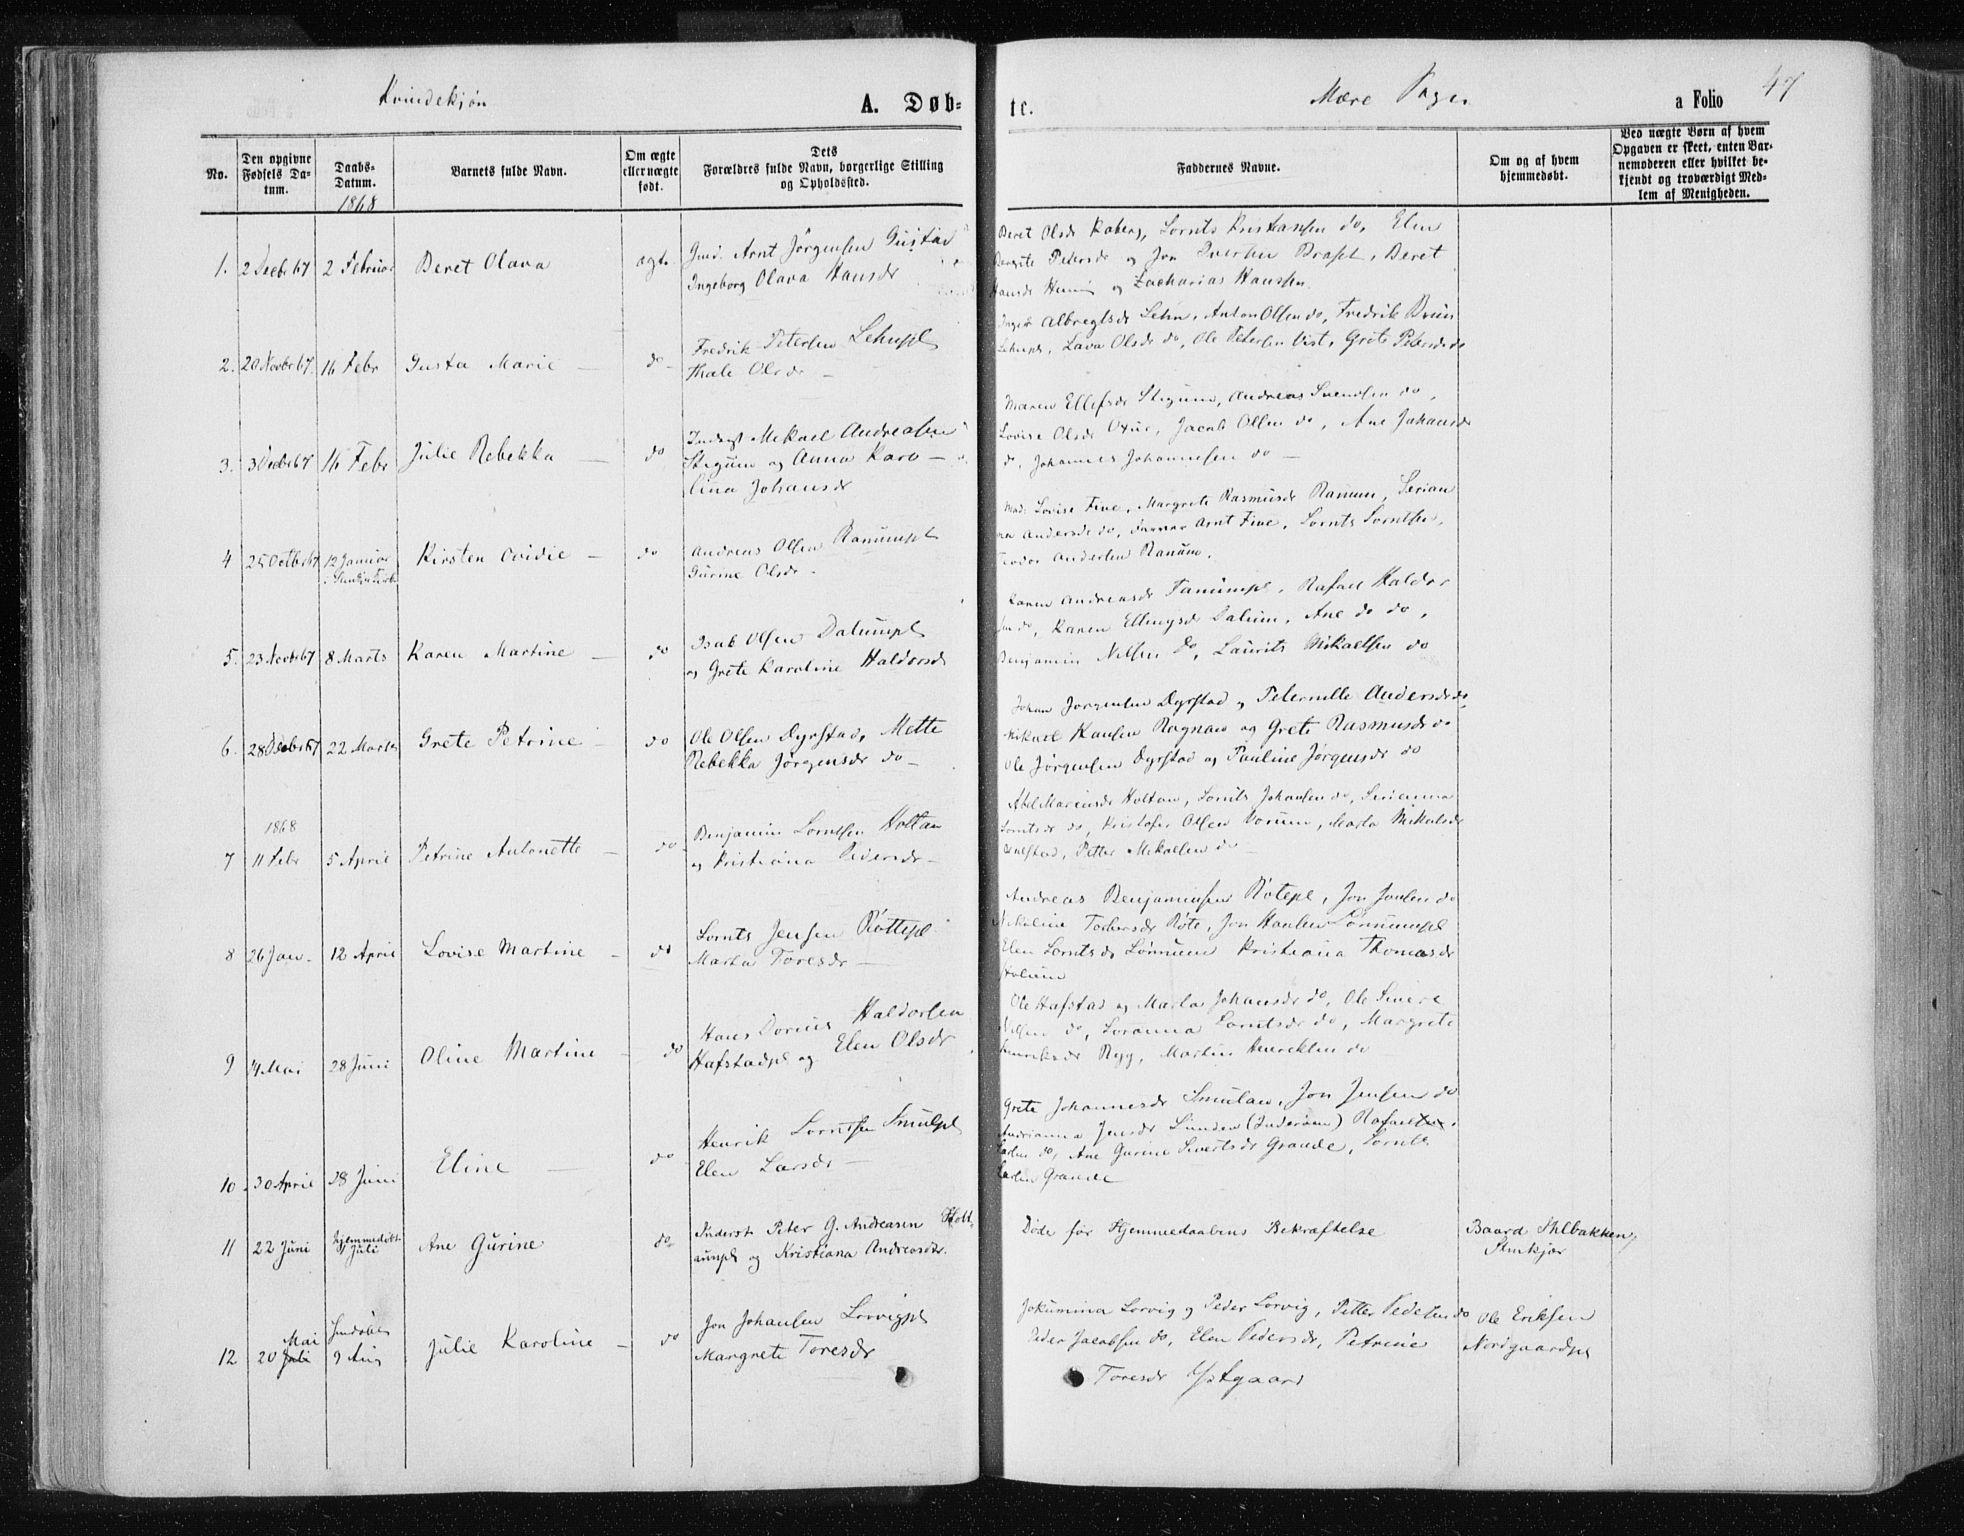 SAT, Ministerialprotokoller, klokkerbøker og fødselsregistre - Nord-Trøndelag, 735/L0345: Ministerialbok nr. 735A08 /1, 1863-1872, s. 47